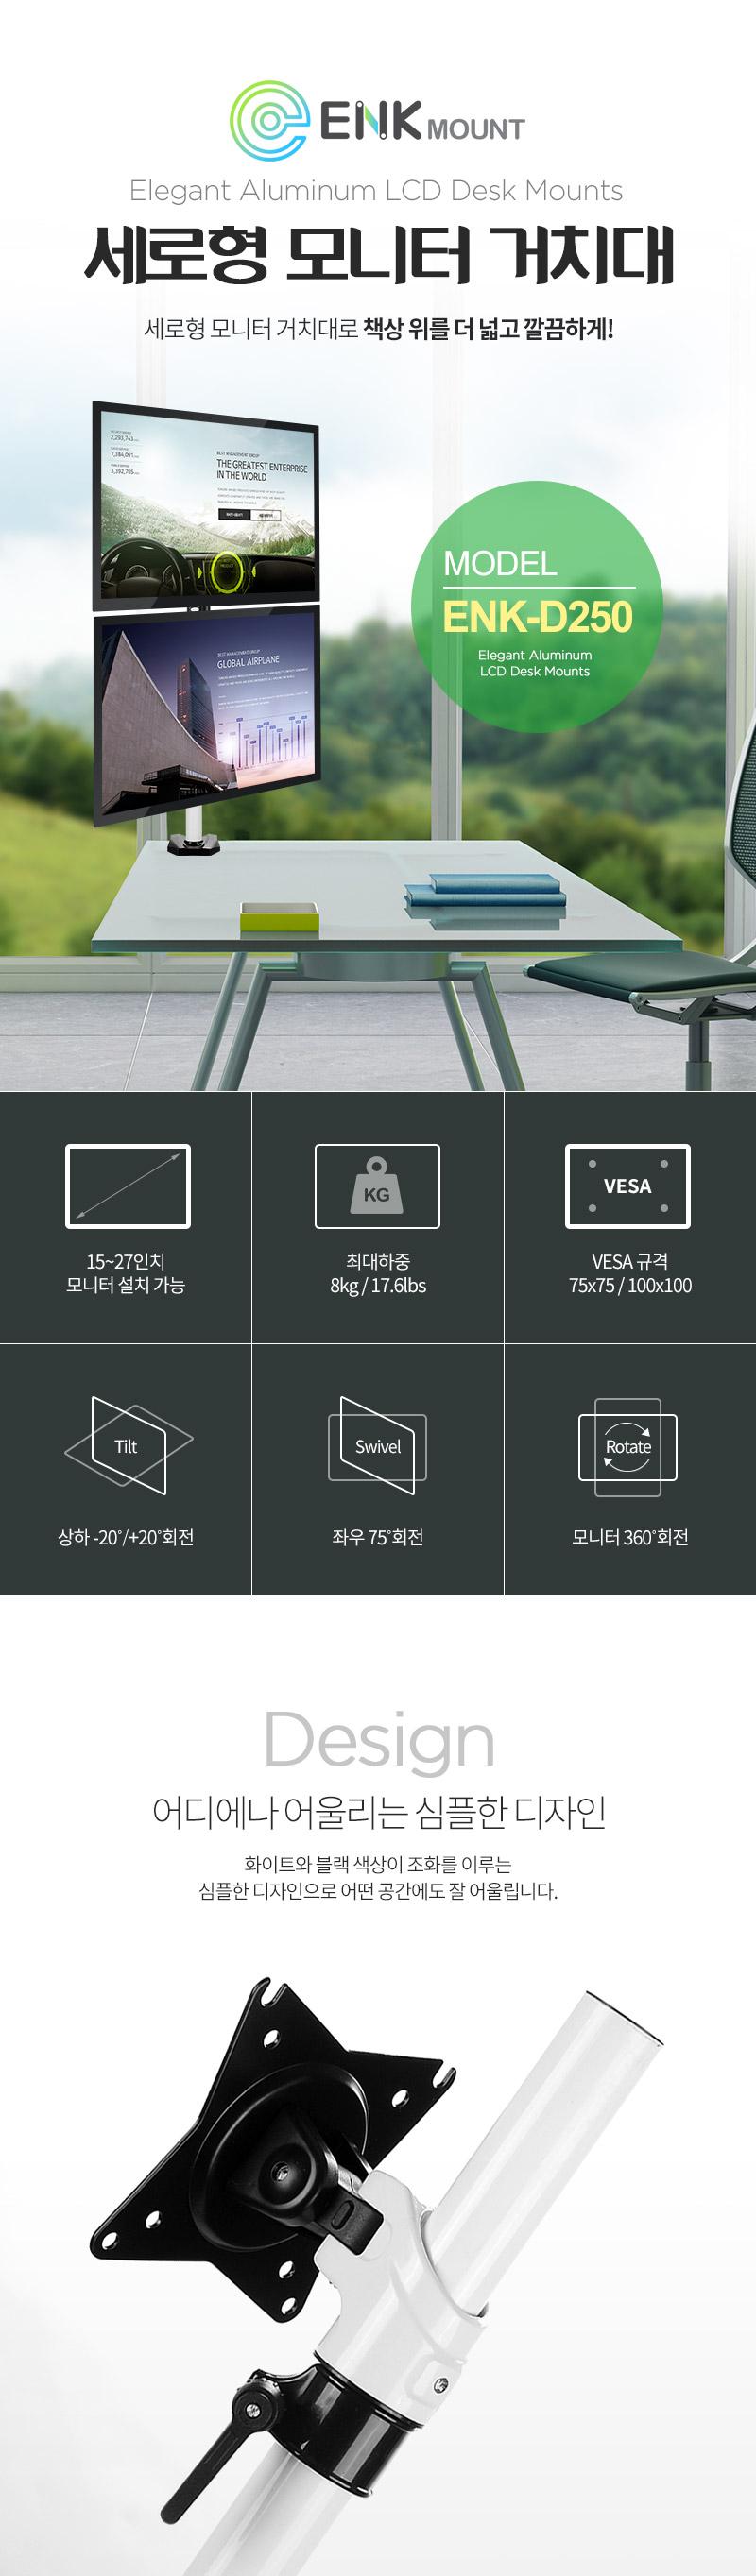 엔키마운트 세로형 듀얼 ENK-D250 모니터거치대 모니터암 - 엔키마운트, 64,600원, 모니터 용품, 모니터 거치대